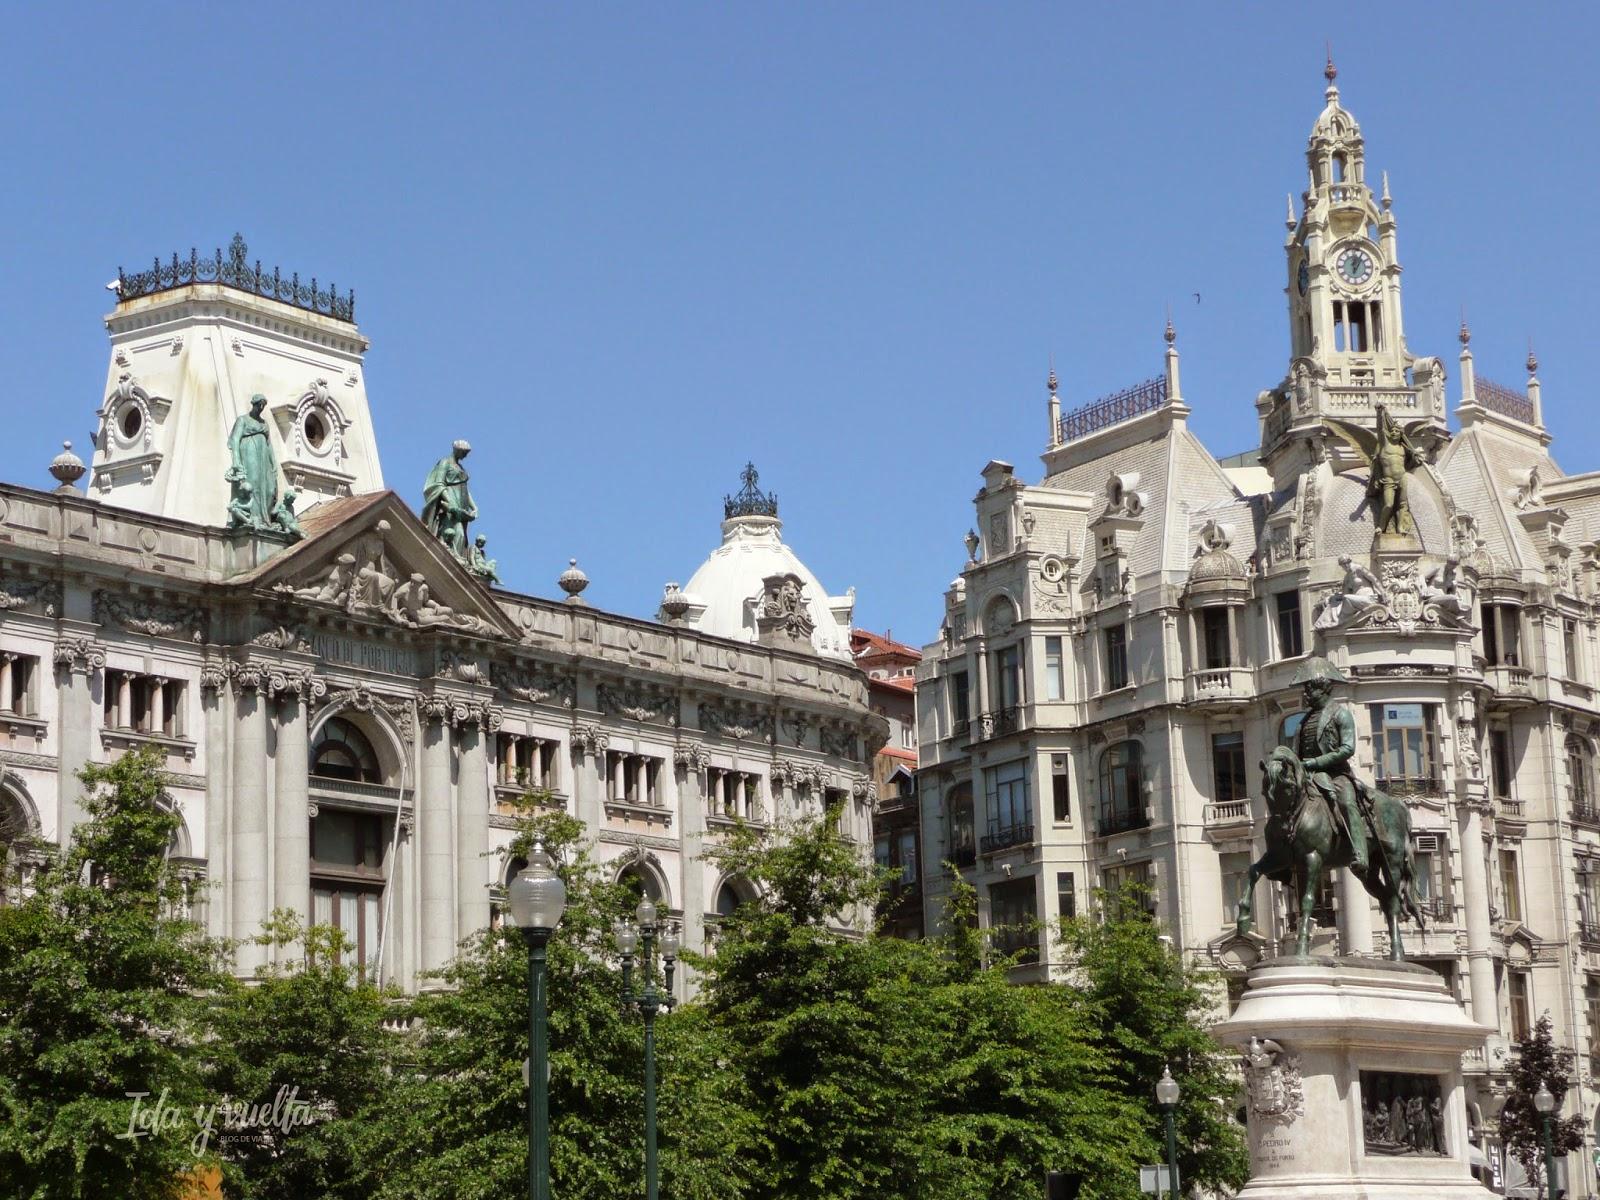 Edificios del centro de Oporto